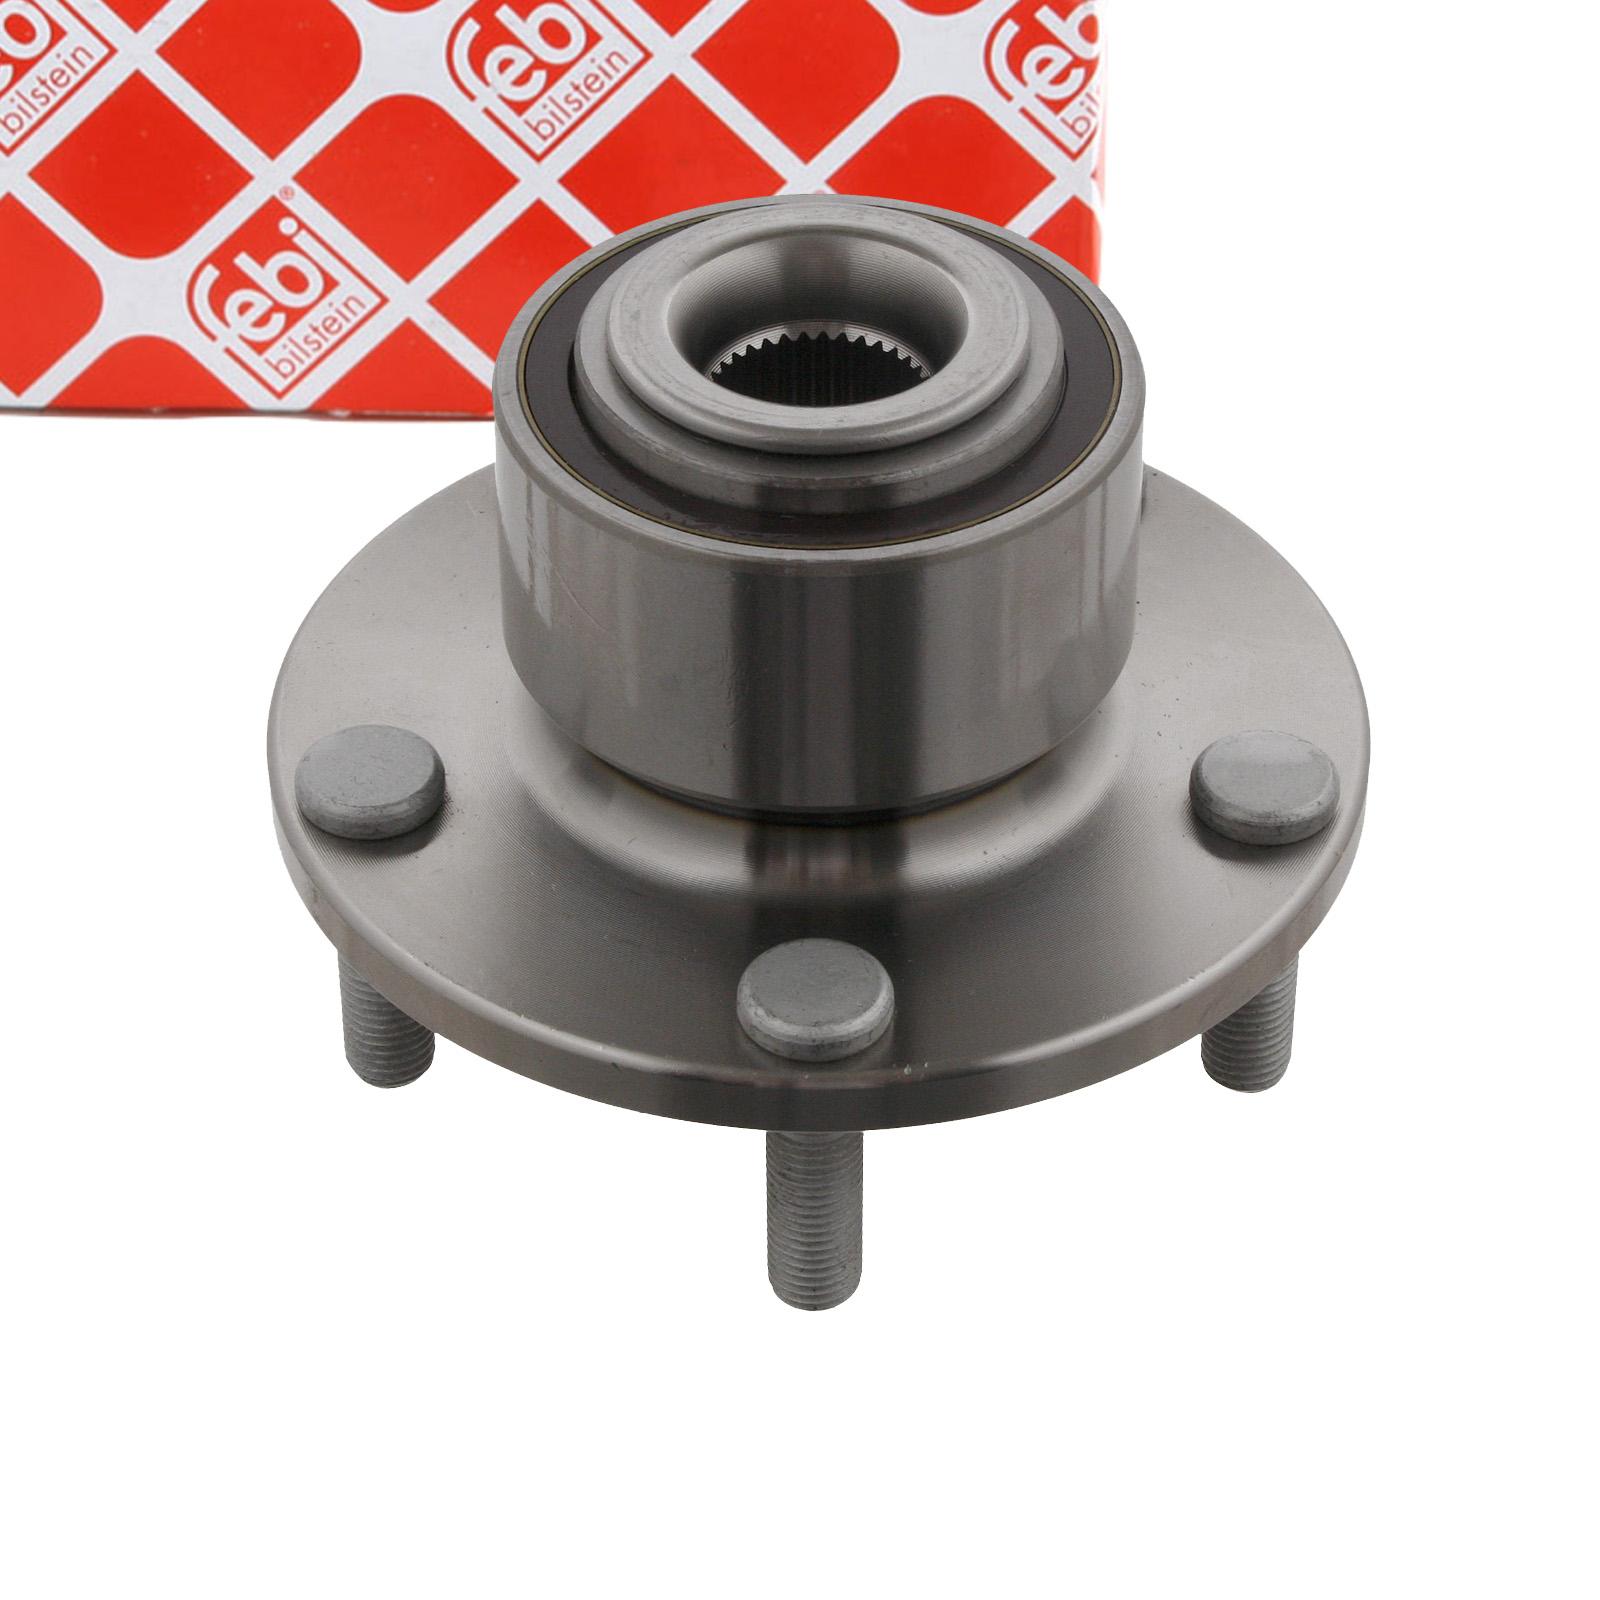 FEBI 32868 Radlagersatz Radnabe Radlager MAZDA 3 (BK) 1.3-2.0 / 1.6 DI Turbo vorne